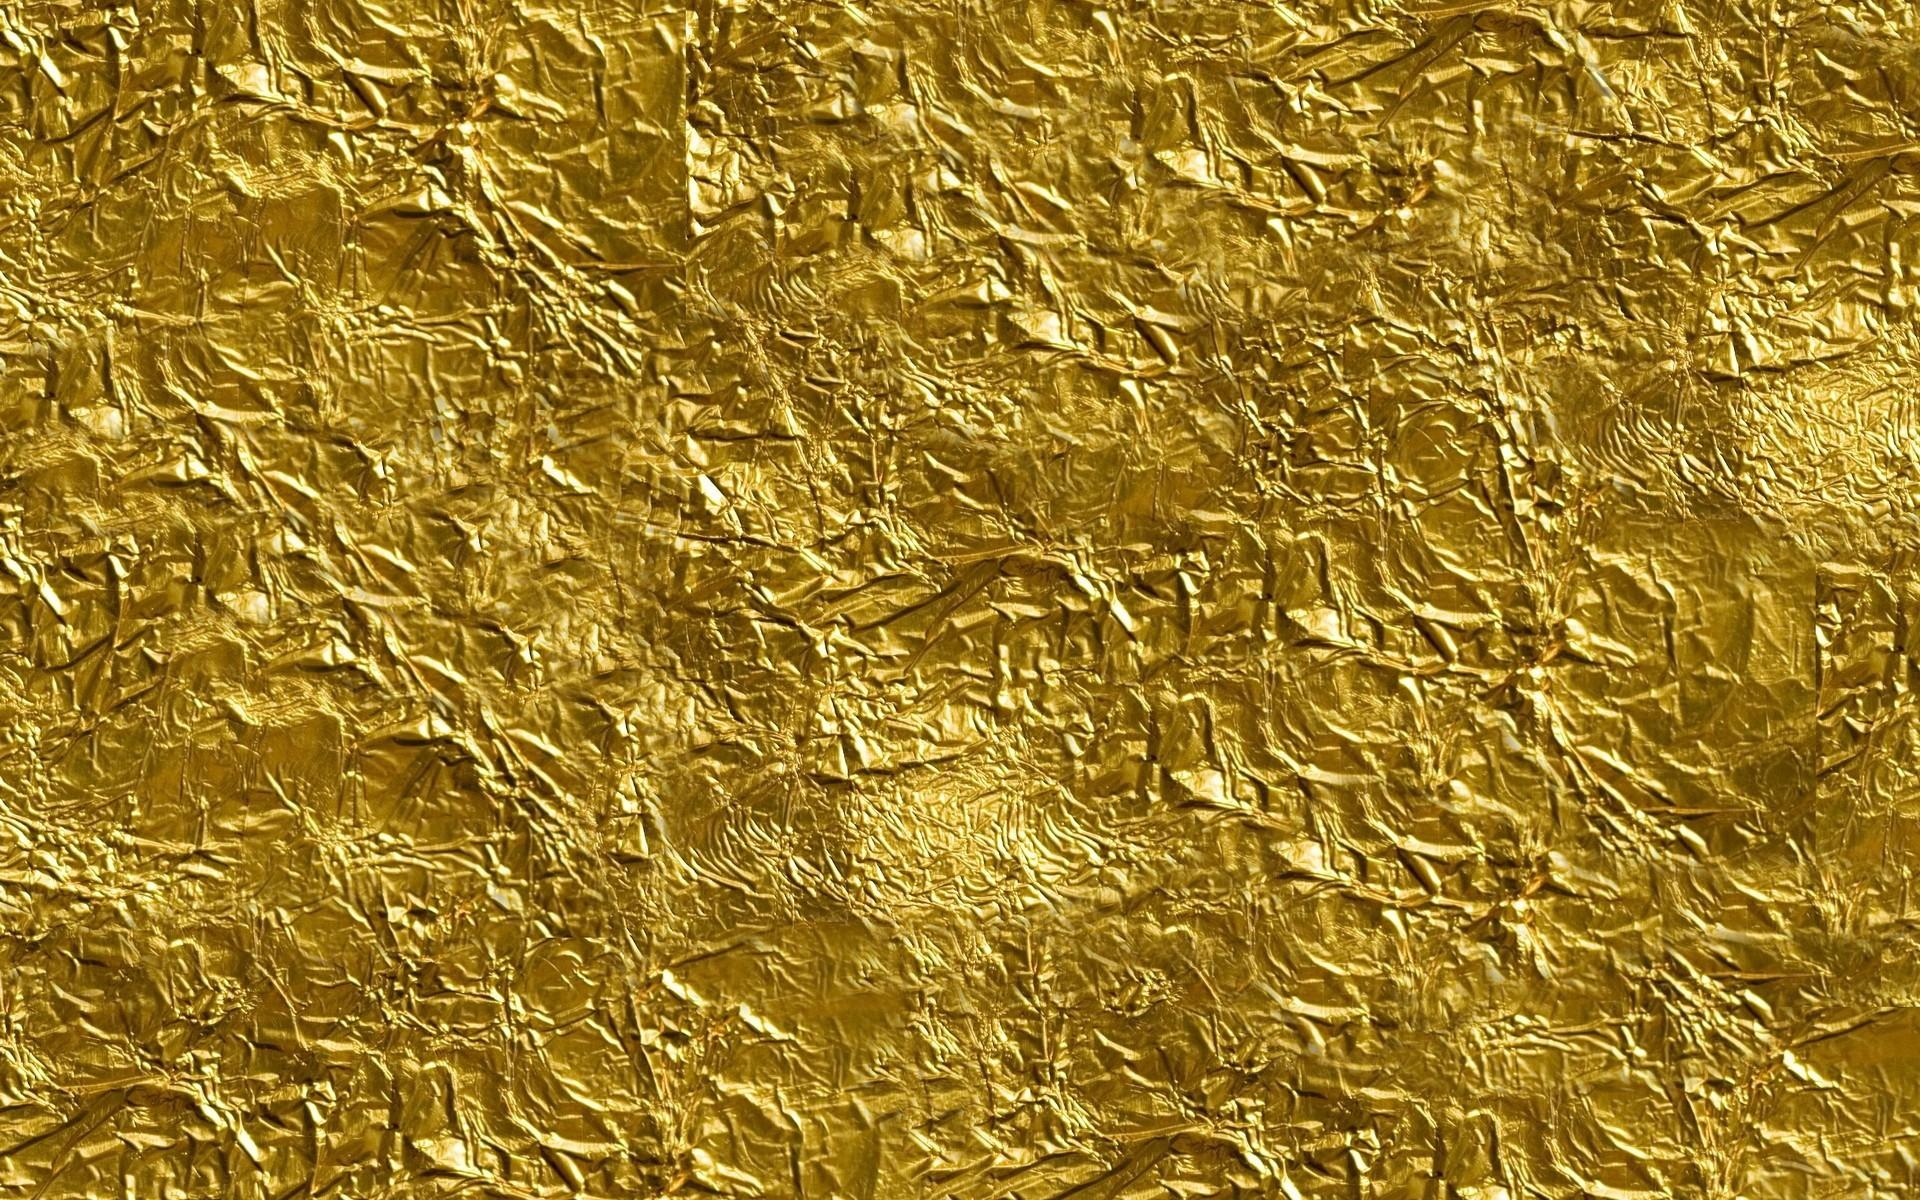 Gold Foil Texture Hd Wallpaper | Wallpaper List